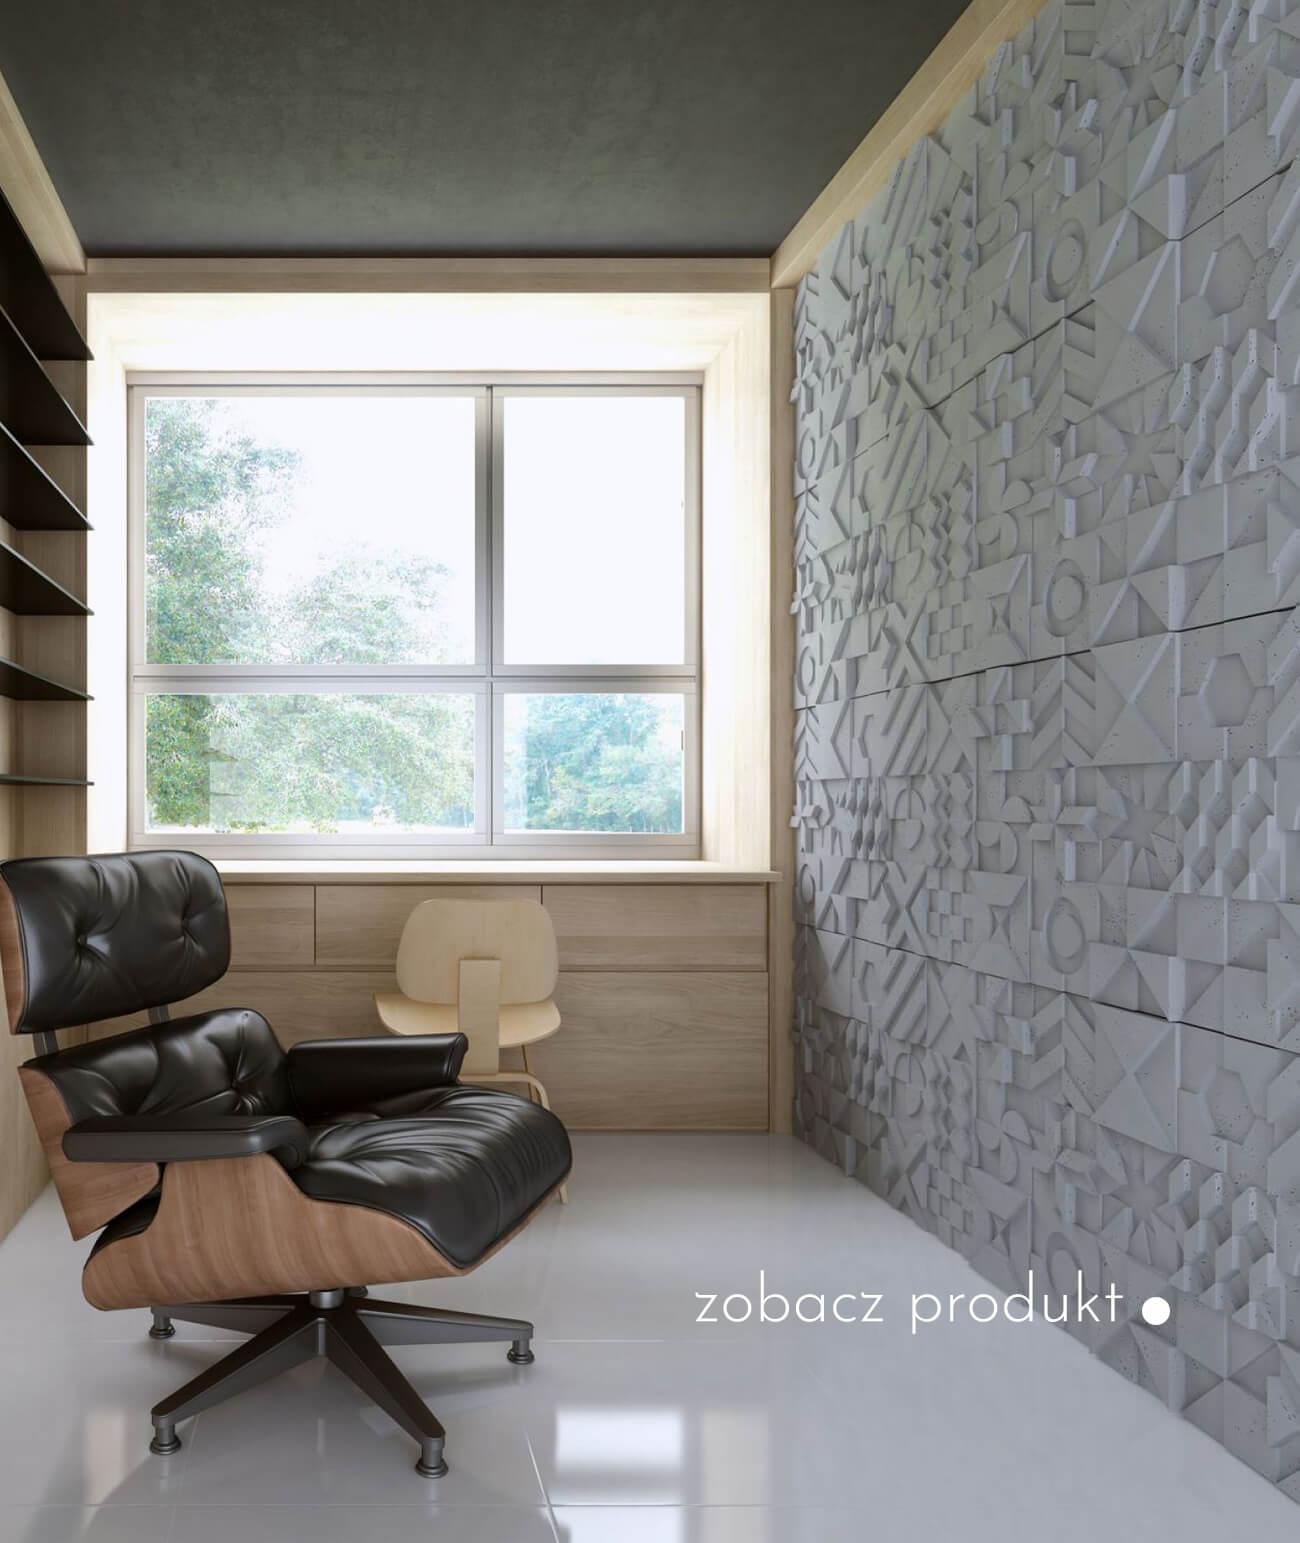 panele-betonowe-3d-scienne-i-elewacyjne-beton-architektoniczny_451-2434-pb12-s95-jasny-szary-golabkowy-ikon---panel-dekor-3d-beton-architektoniczny-panel-scienny